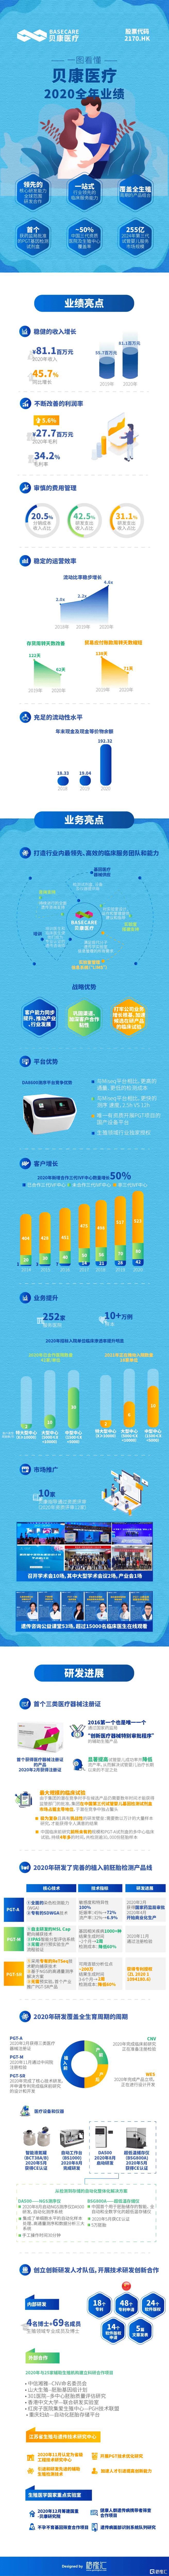 一图看懂贝康医疗(2170.HK)2020全年业绩